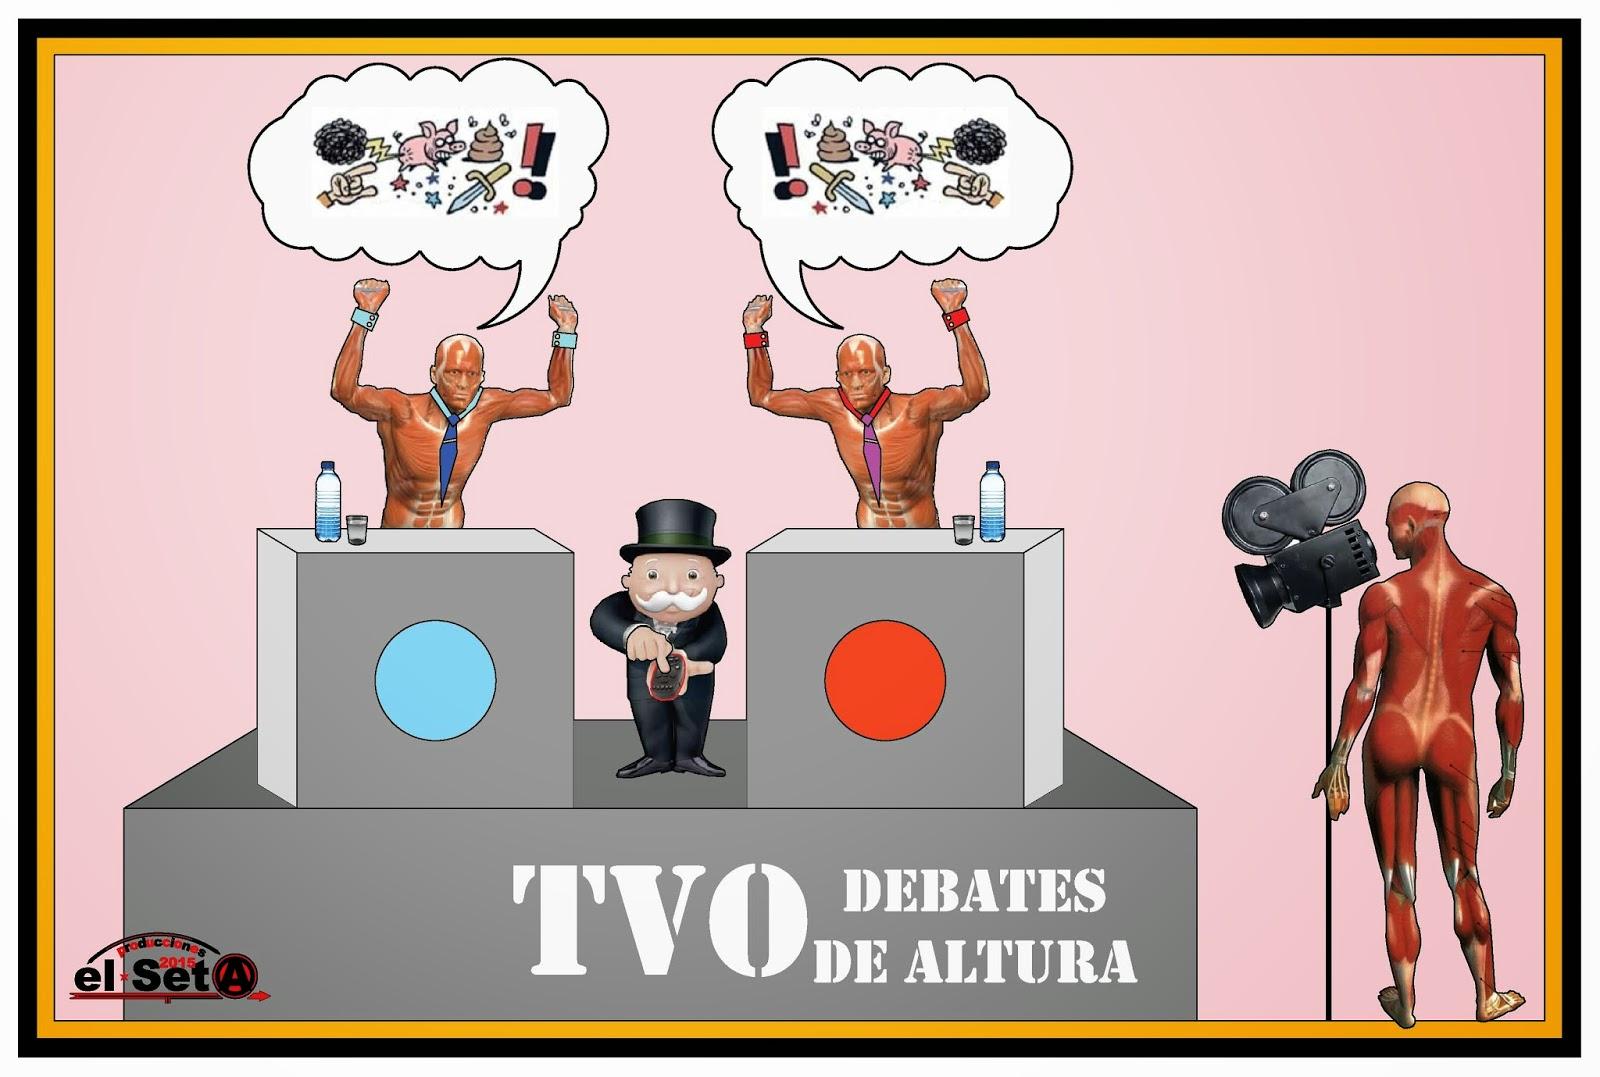 http://4.bp.blogspot.com/-jDFwdal22WE/VTjEsOWYLAI/AAAAAAAABck/37dfl_sn96o/s1600/4-El_Debate.jpg